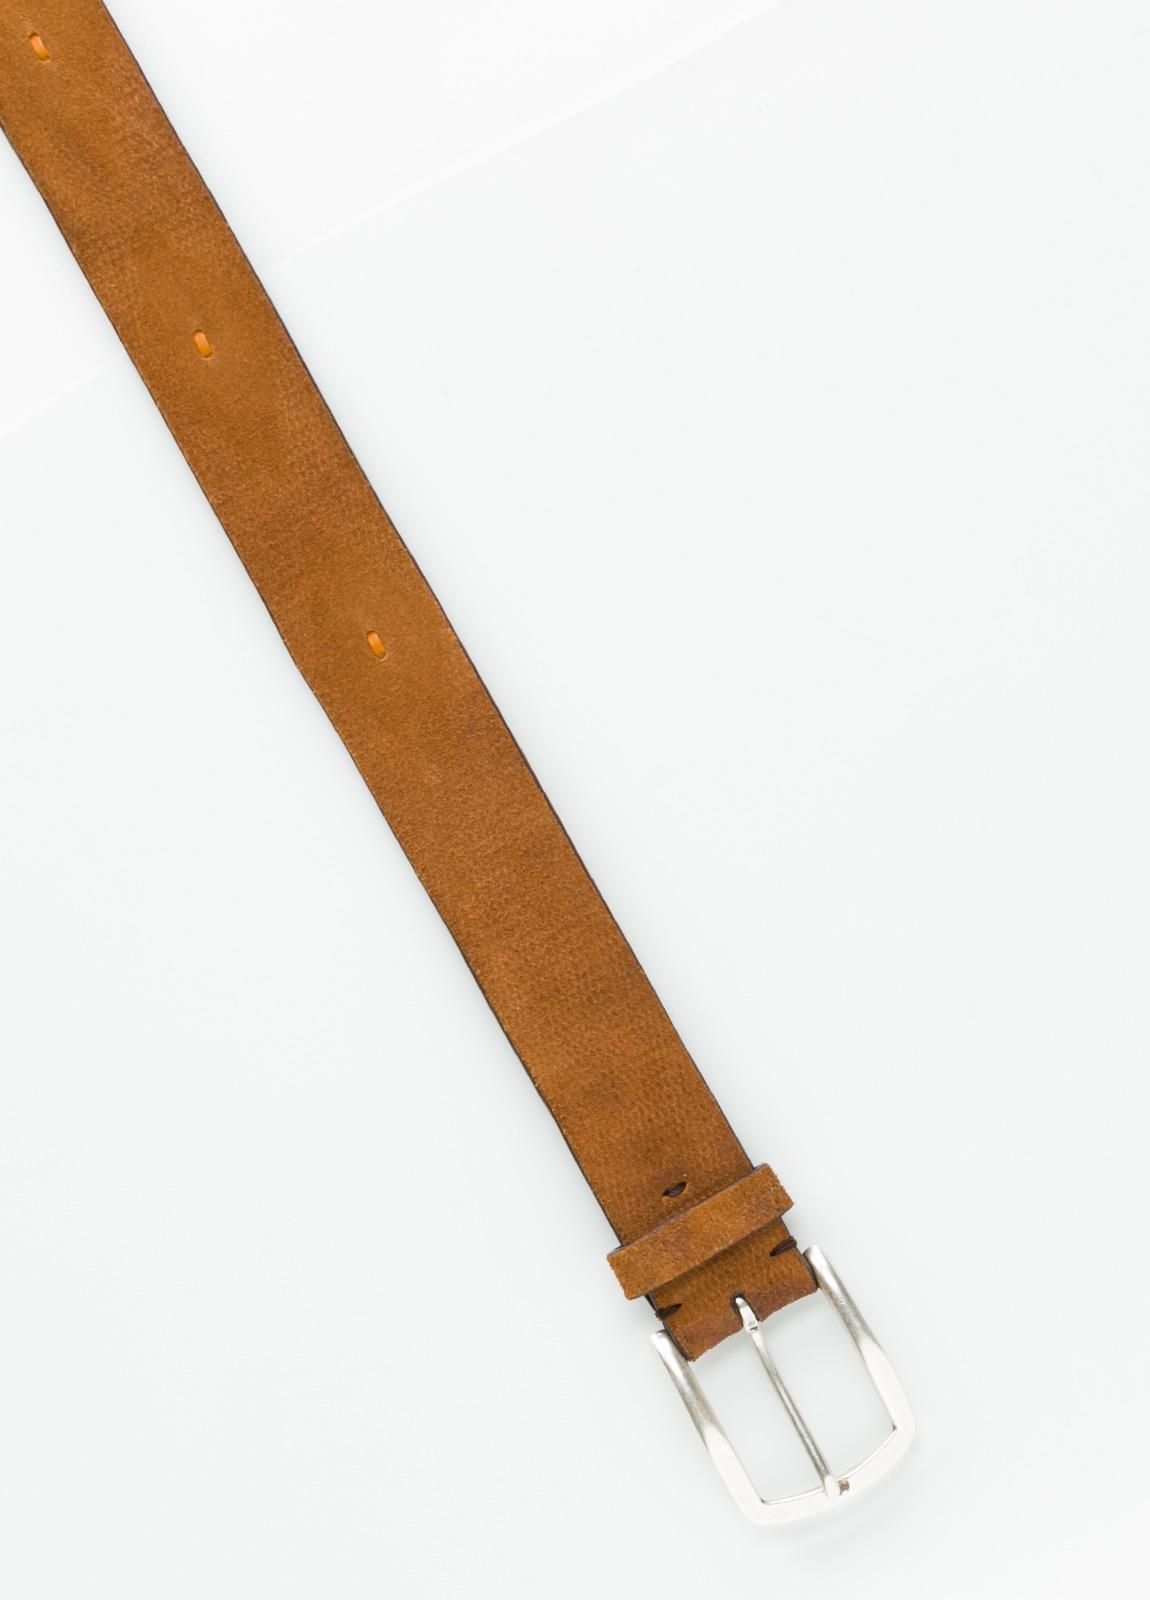 Cinturón Sport grabado color cognac, 100% Serraje. - Ítem1